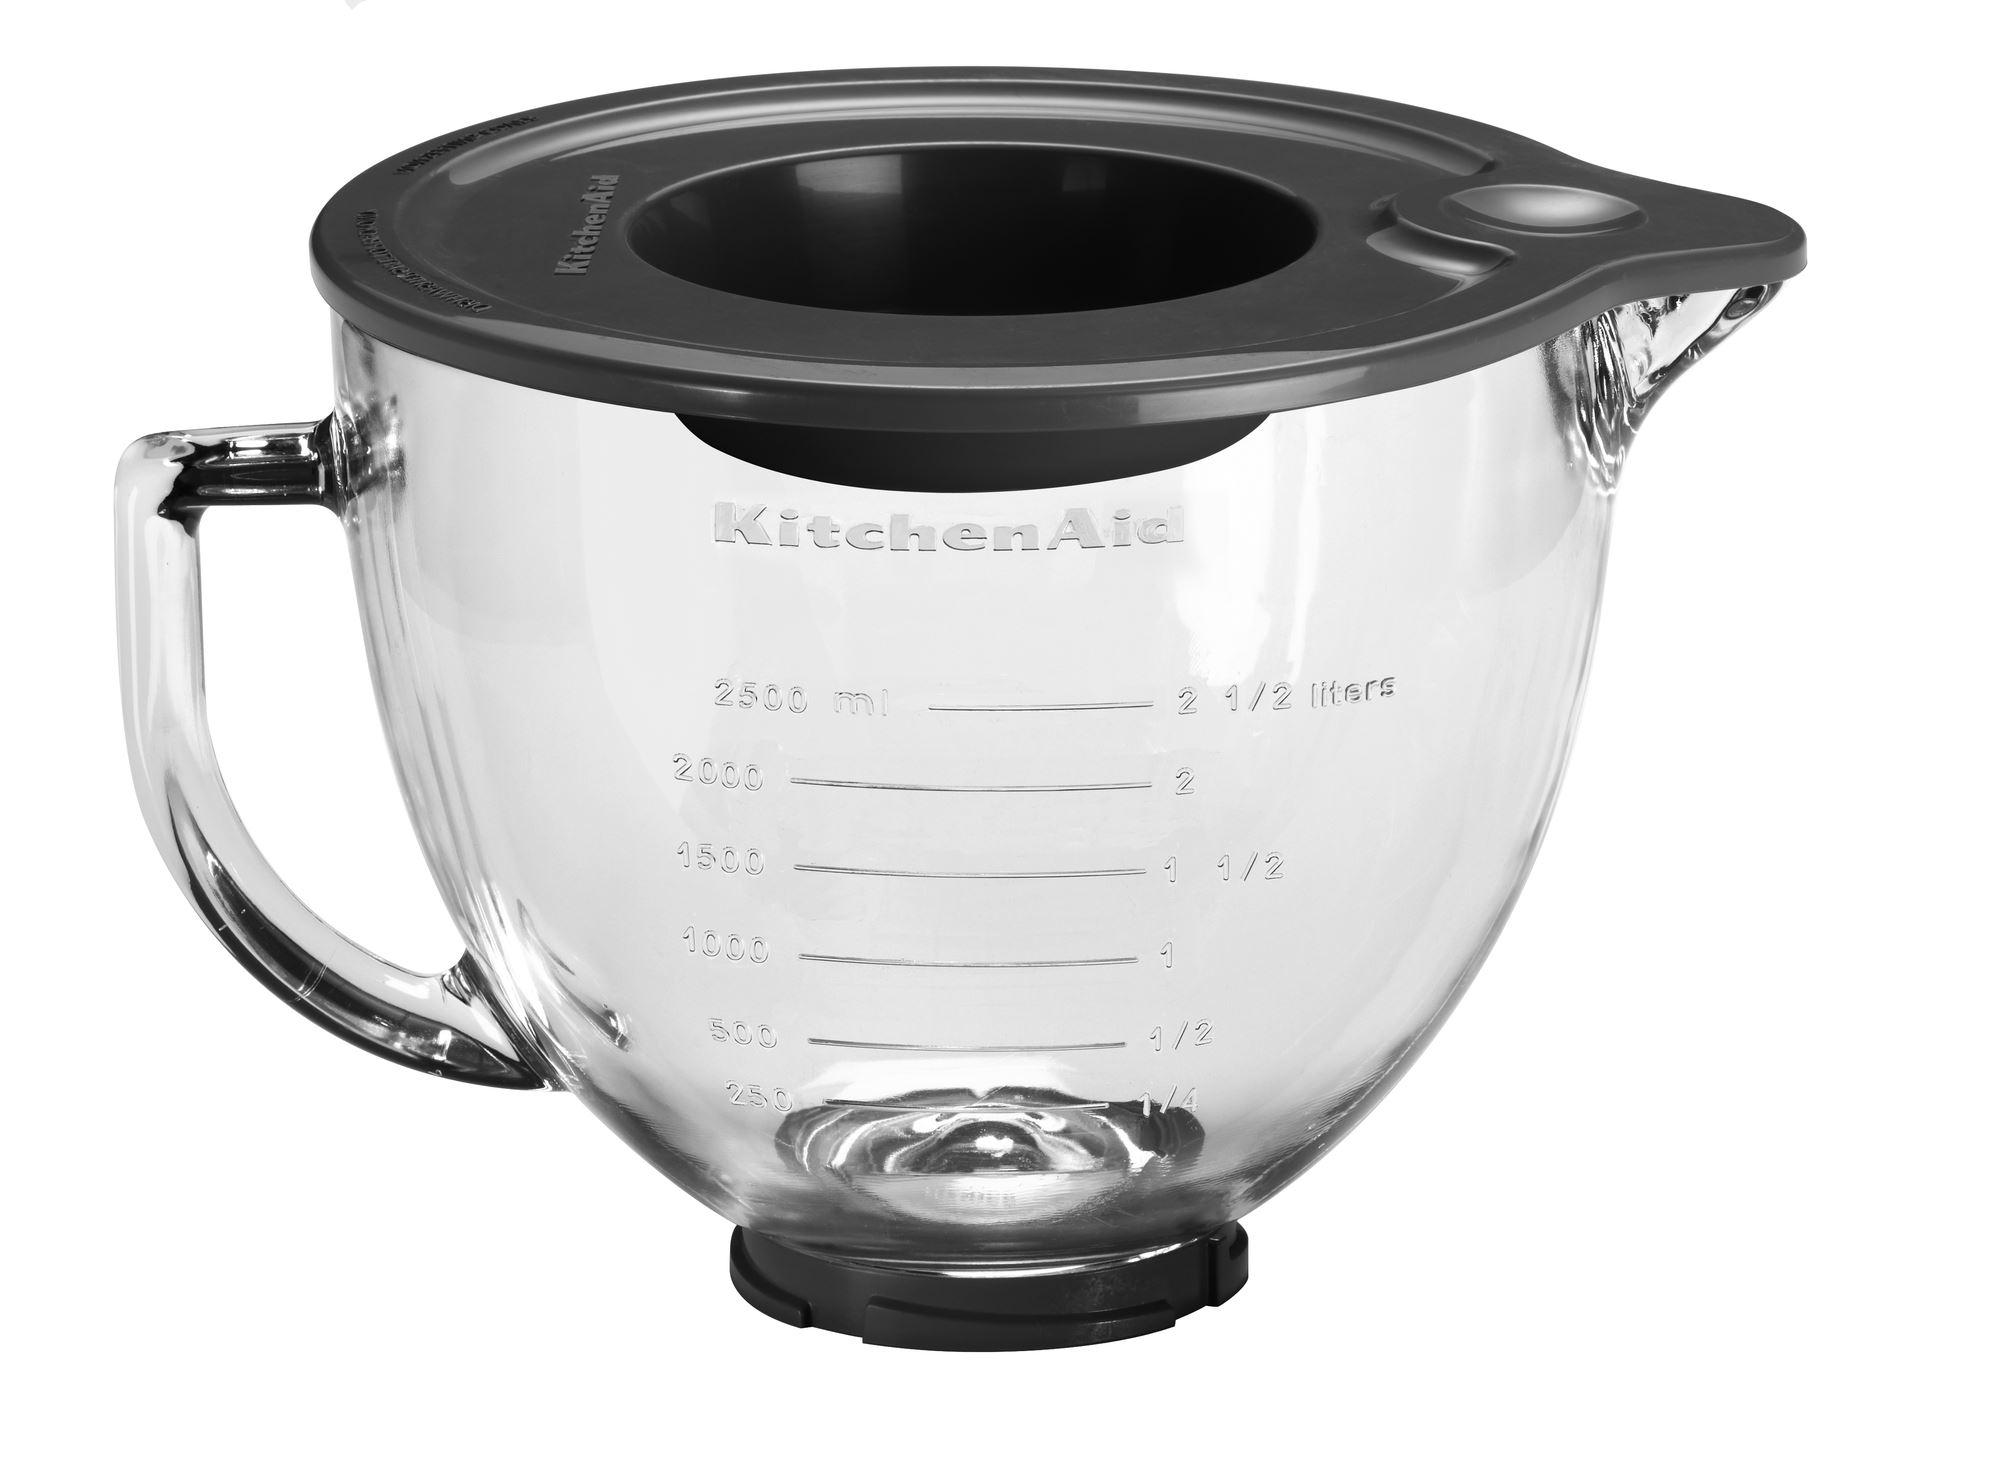 KitchenAid Glasschüssel 4.8 l